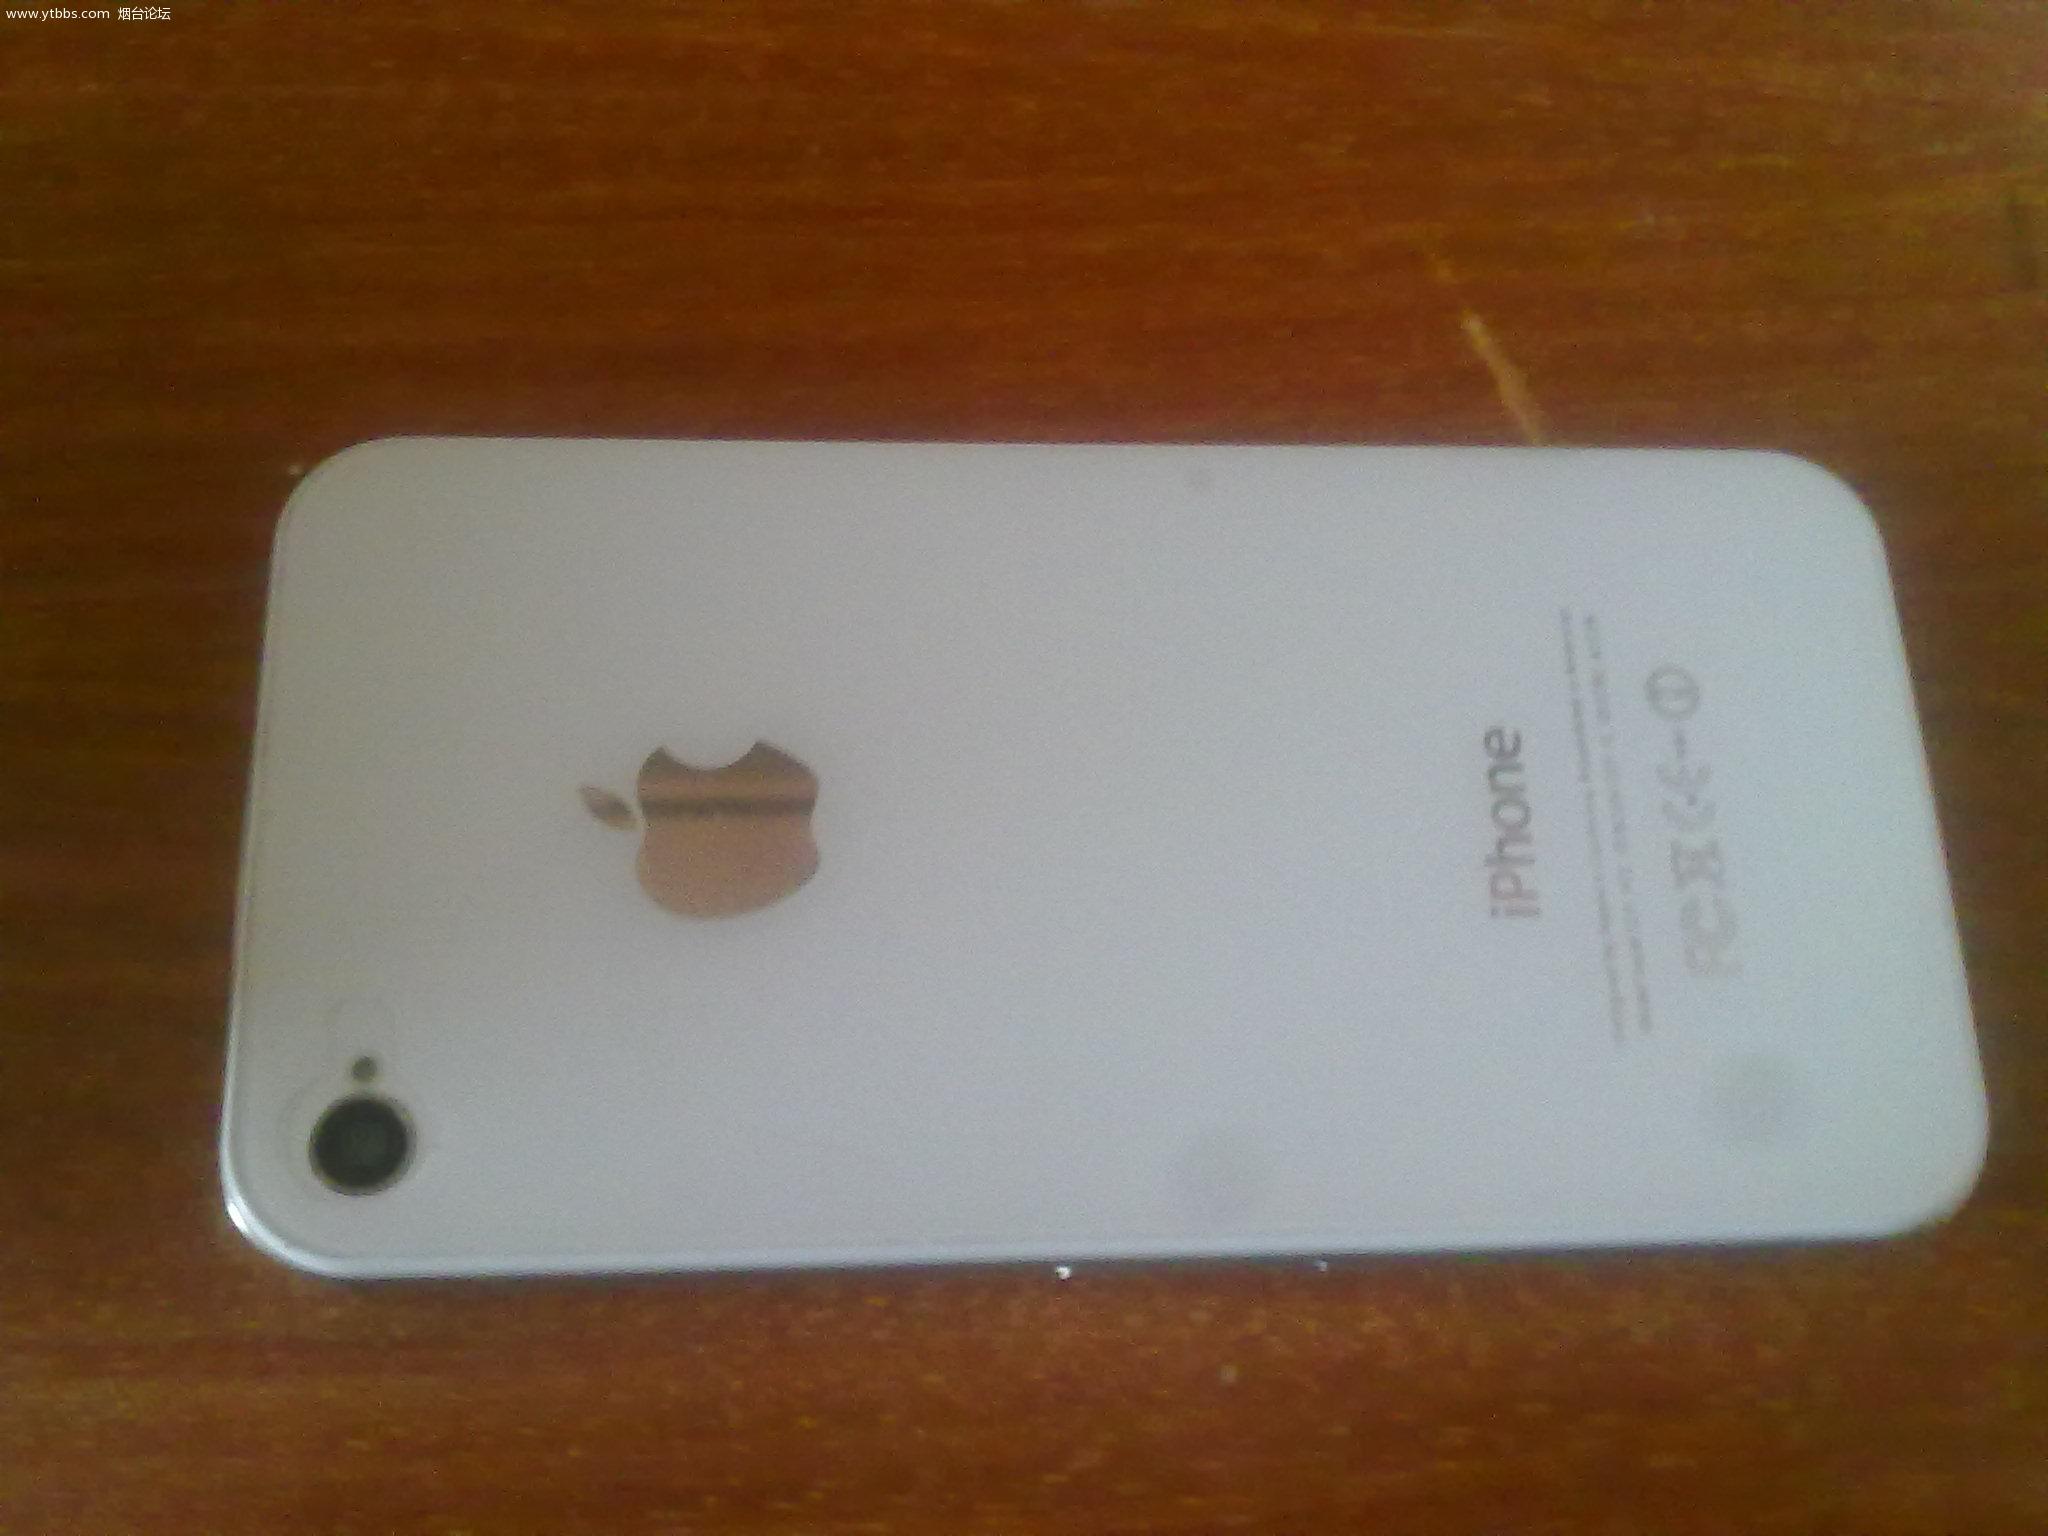 仿苹果4s智能手机出售 高清图片